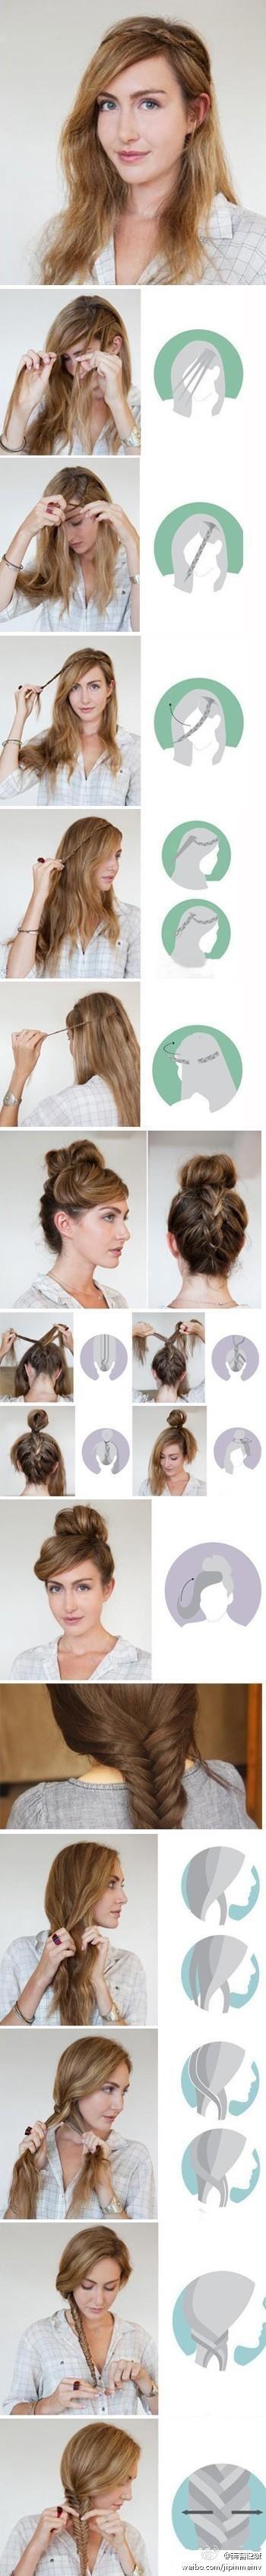 Braiding Tutorials: how to braid your hair (1)